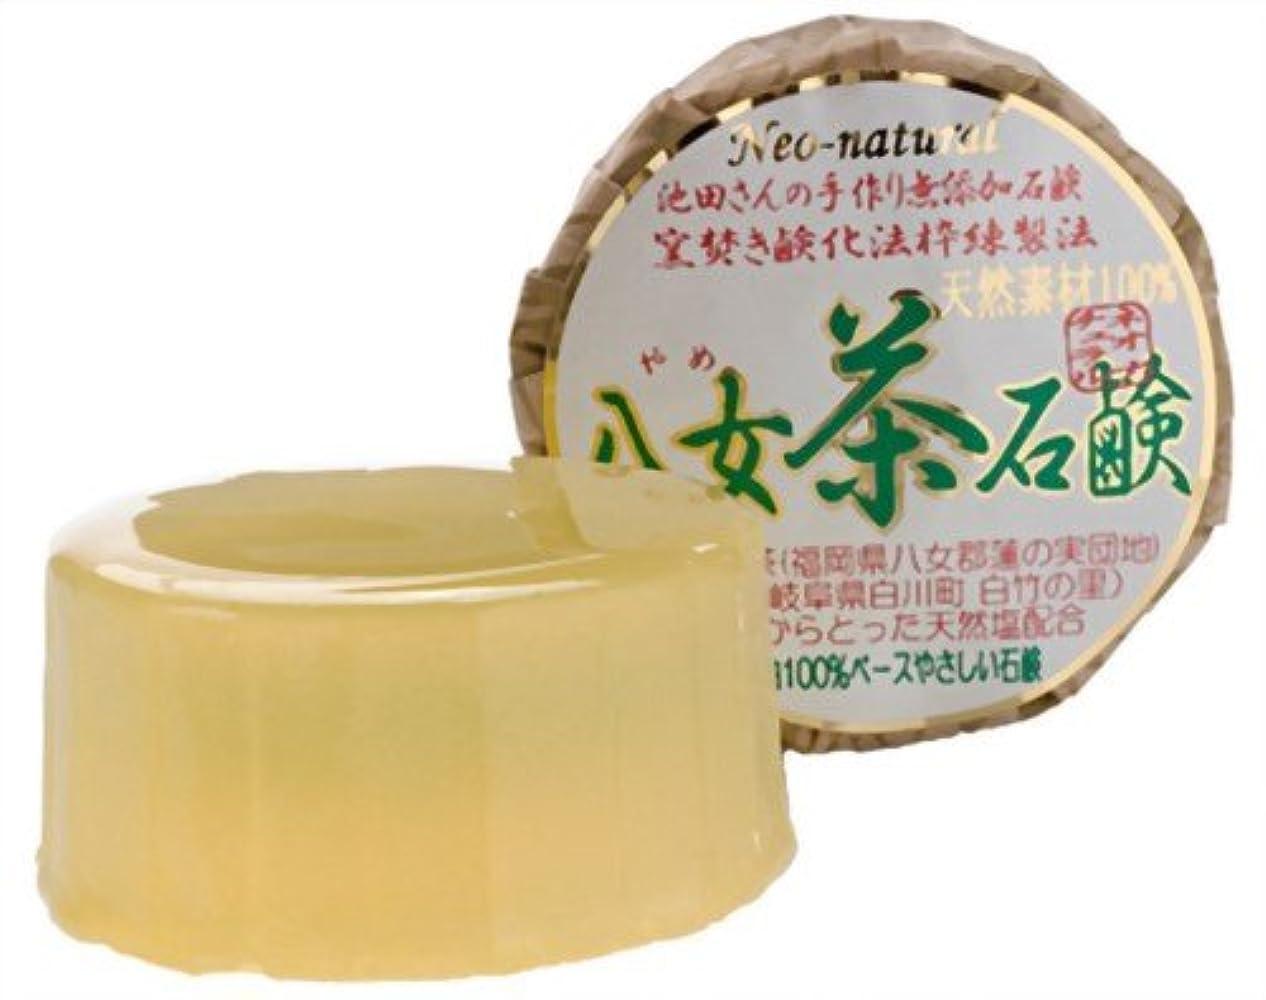 ポイントバックコレクションネオナチュラル 池田さんの八女茶石鹸 80g